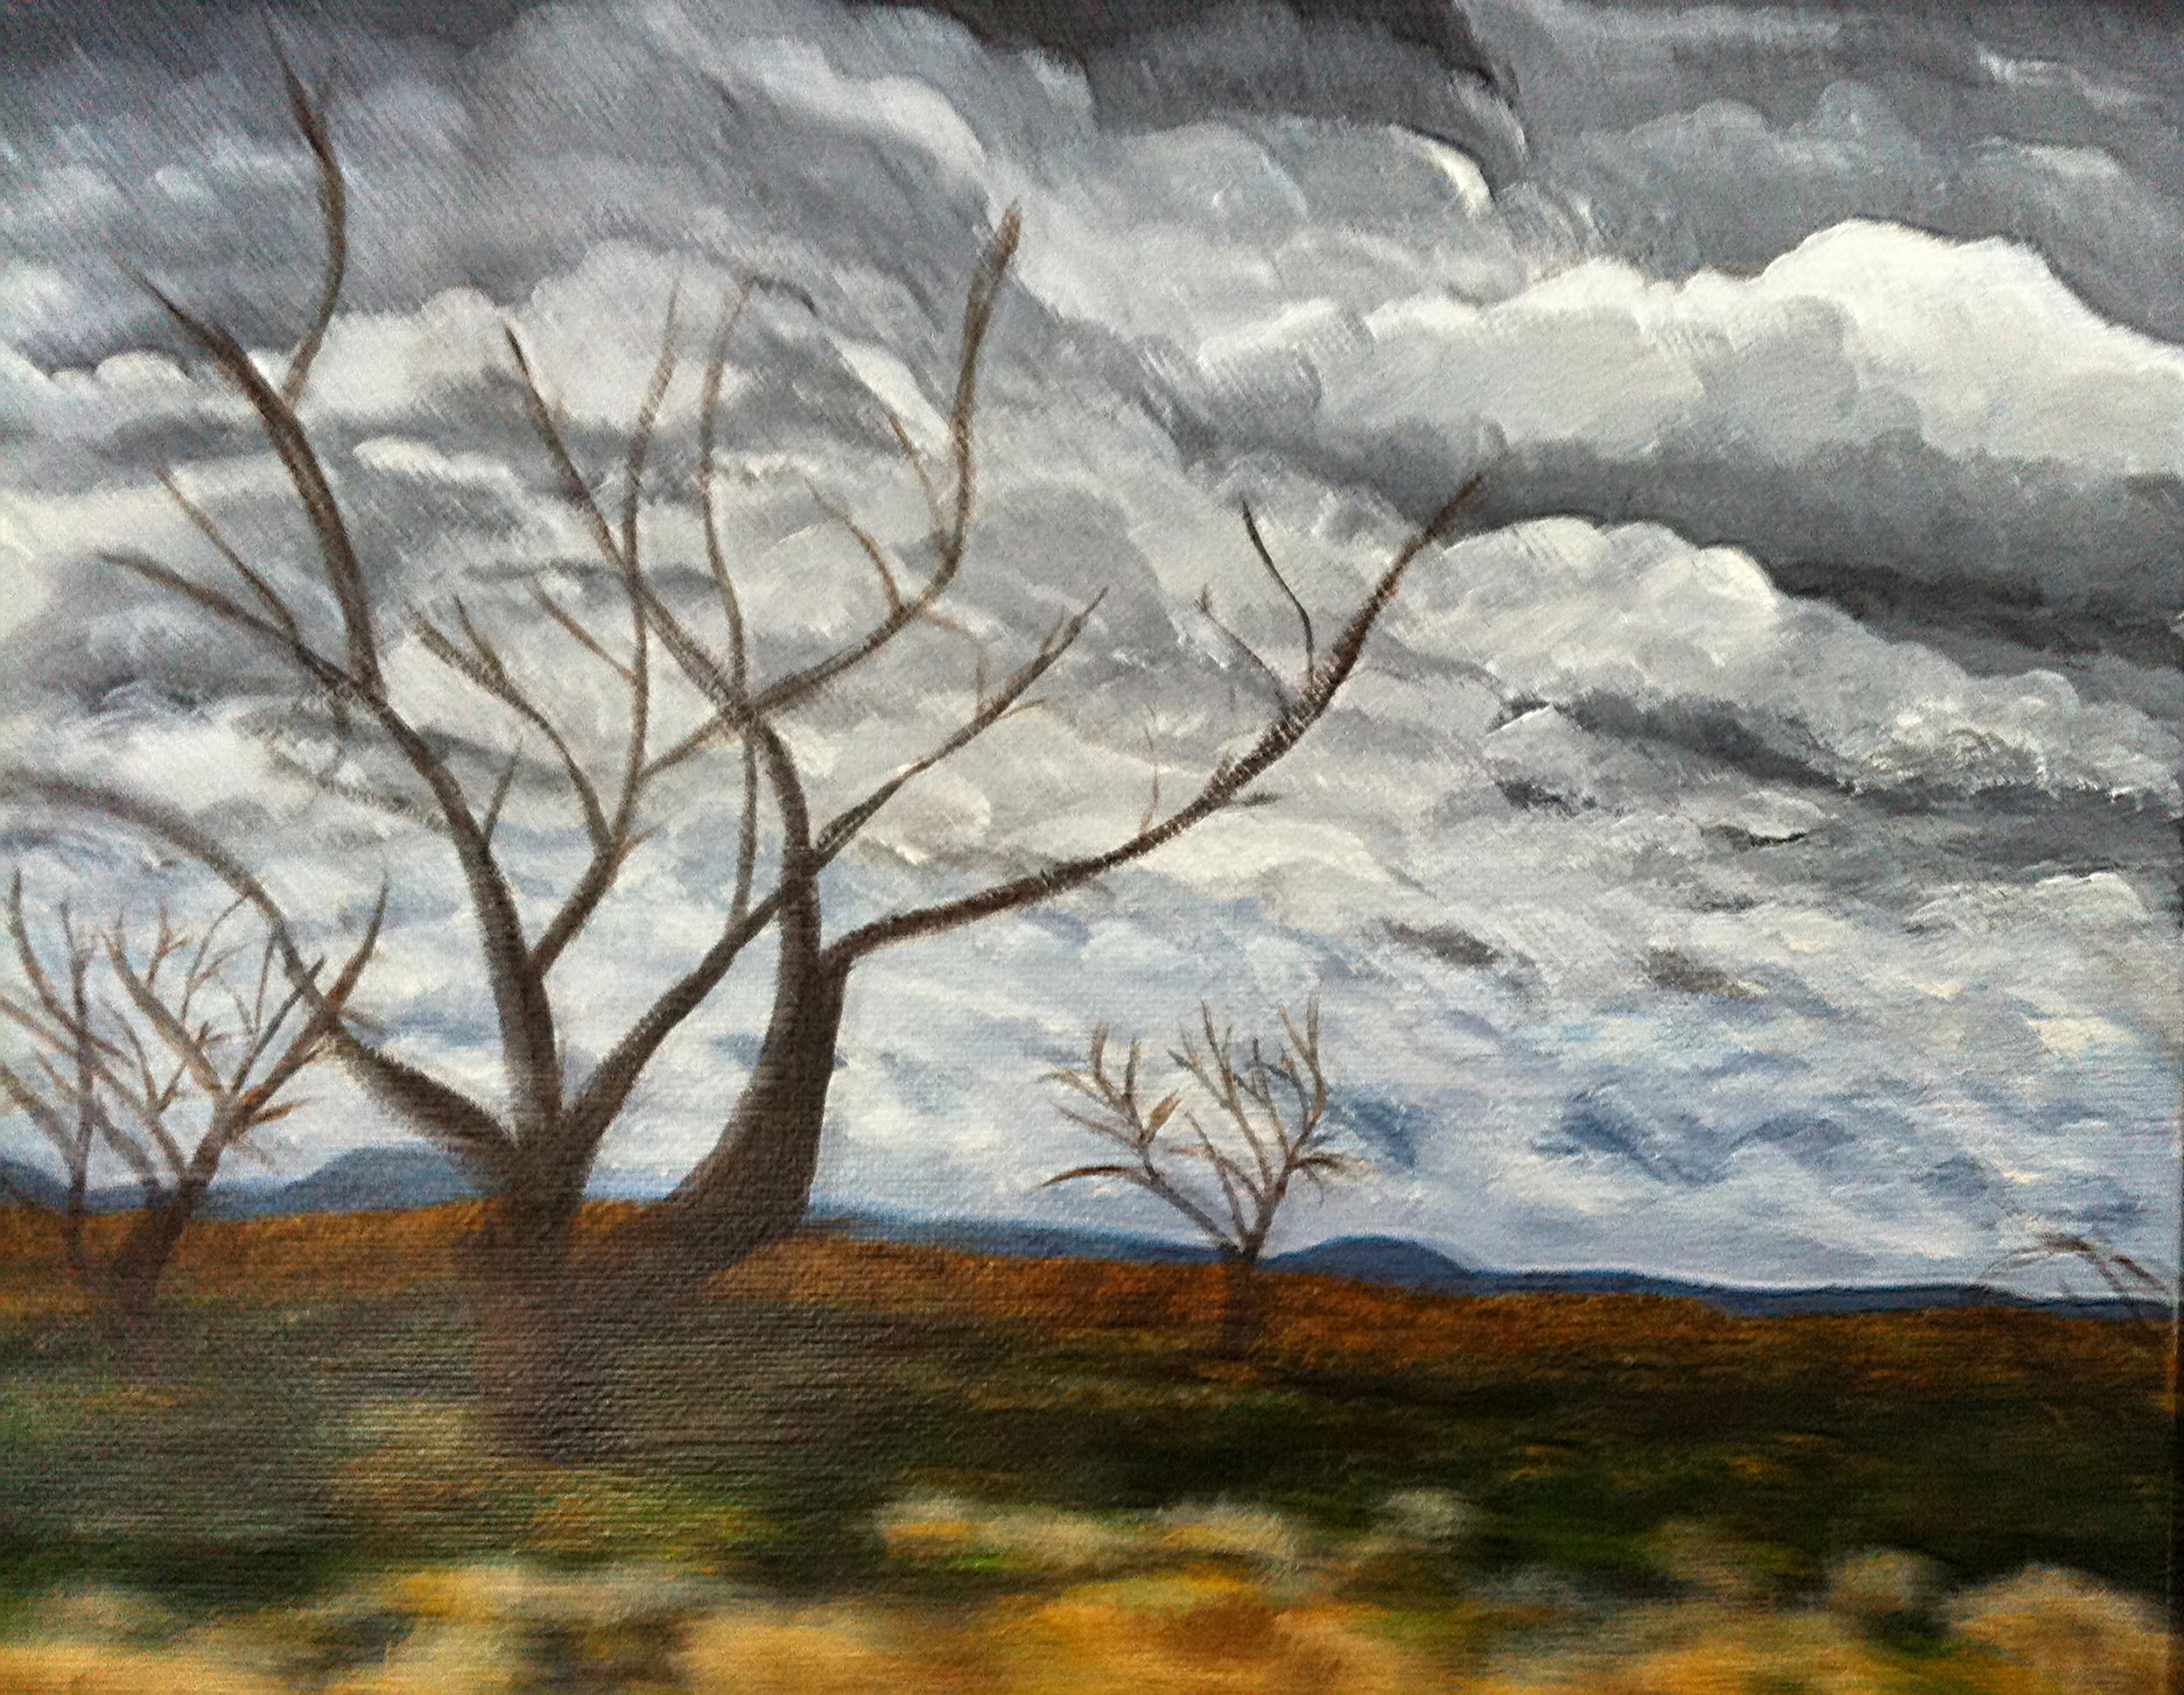 Rte 66: Texas Storm